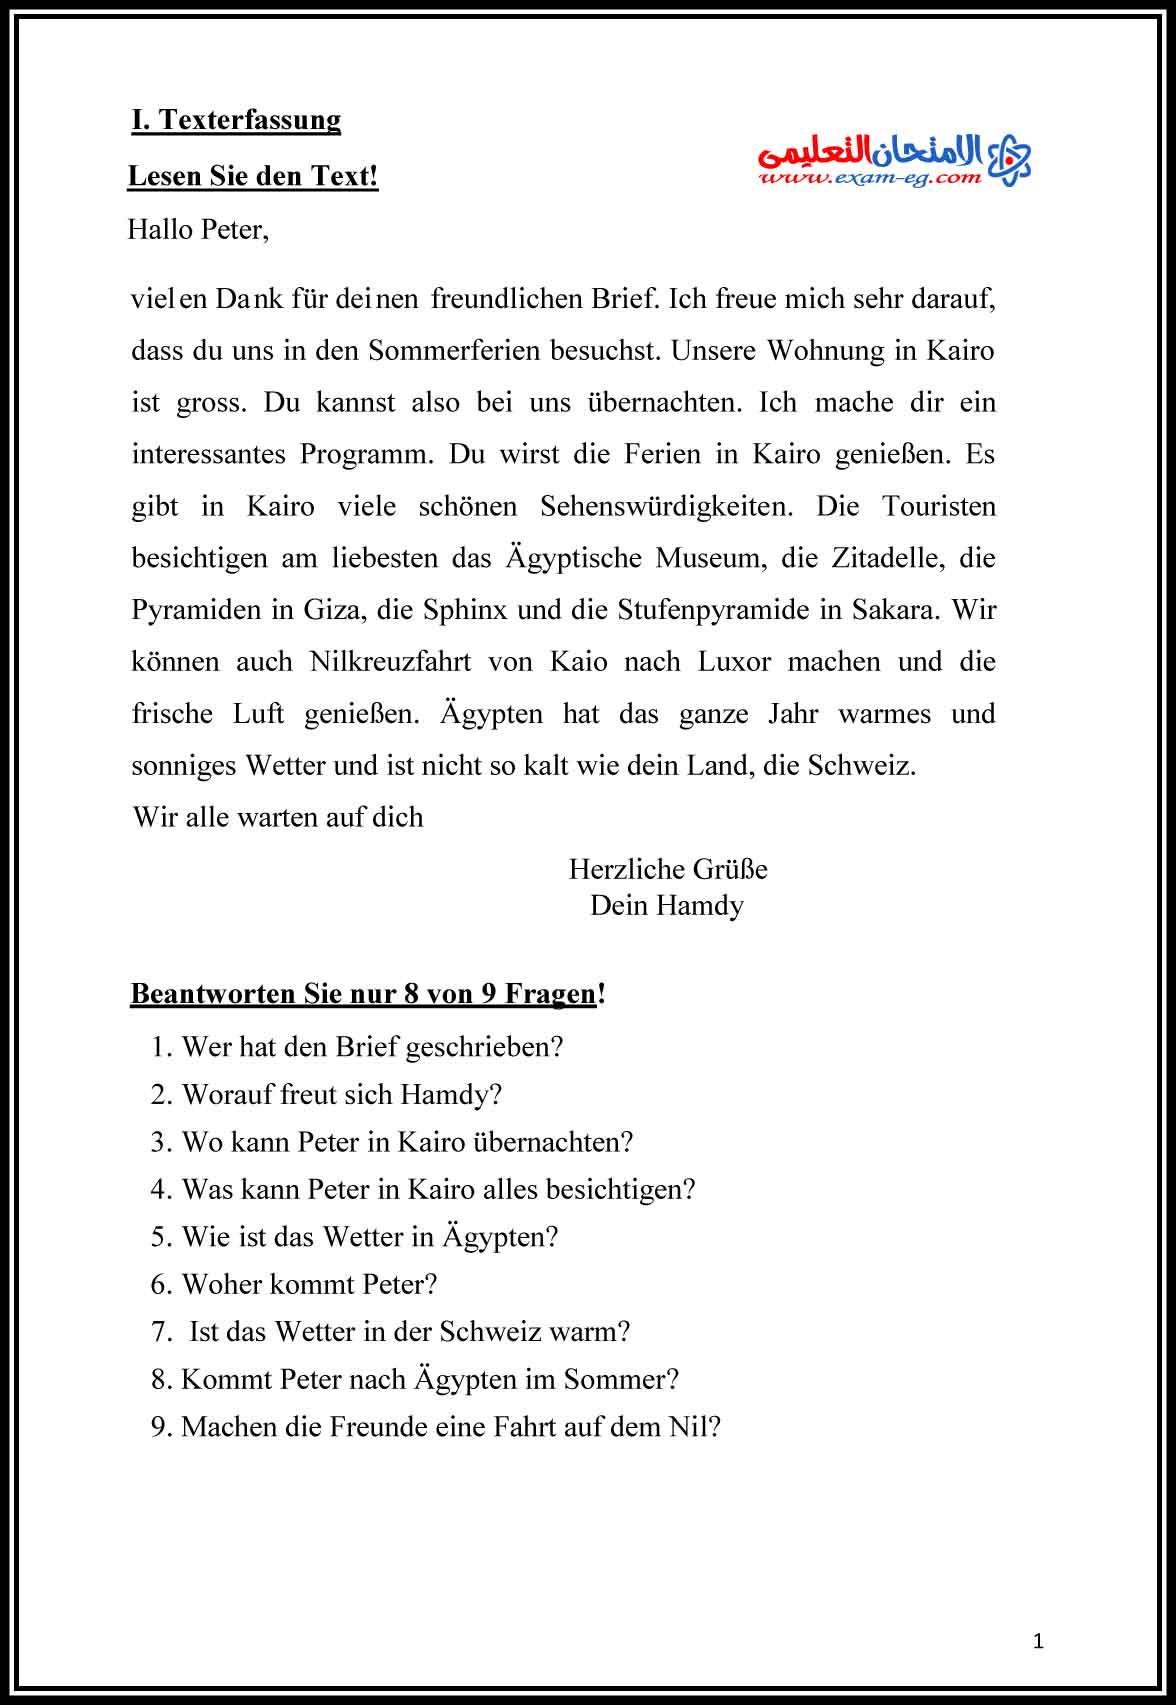 امتحان الوزارة فى اللغة الالمانية